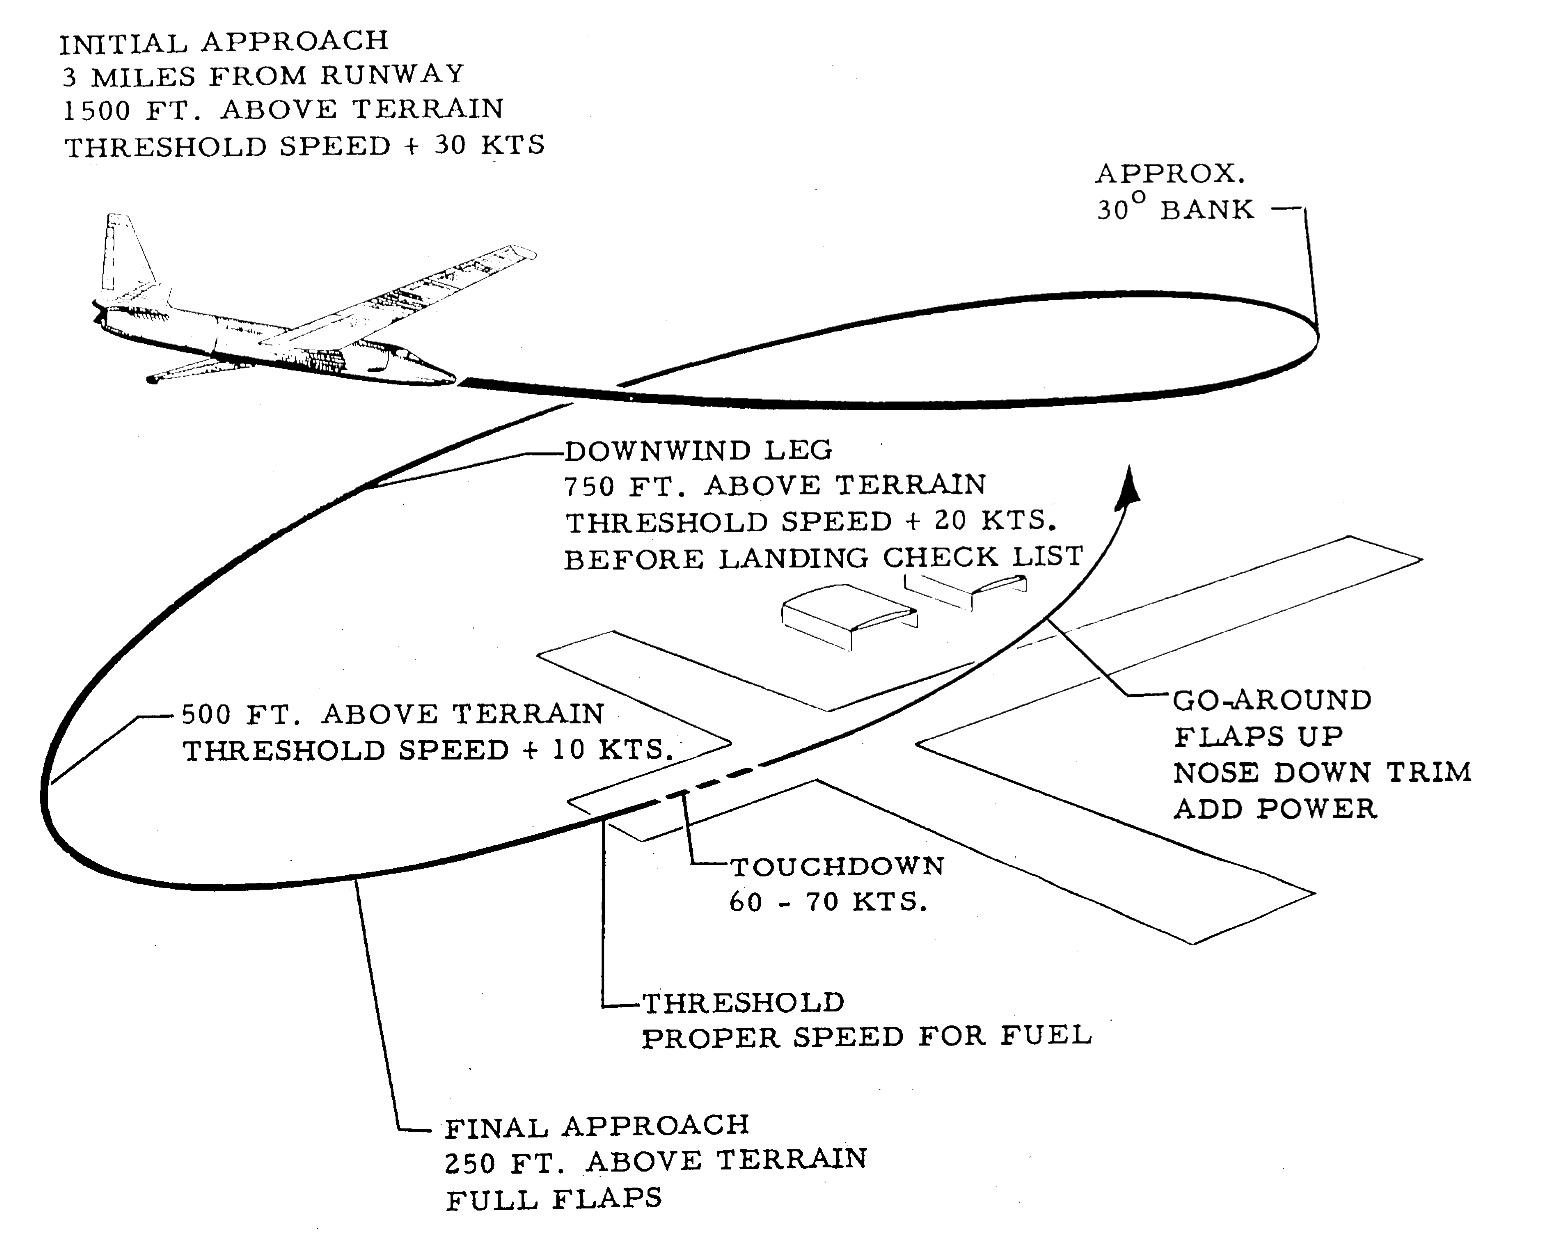 U-2 RHAF 33